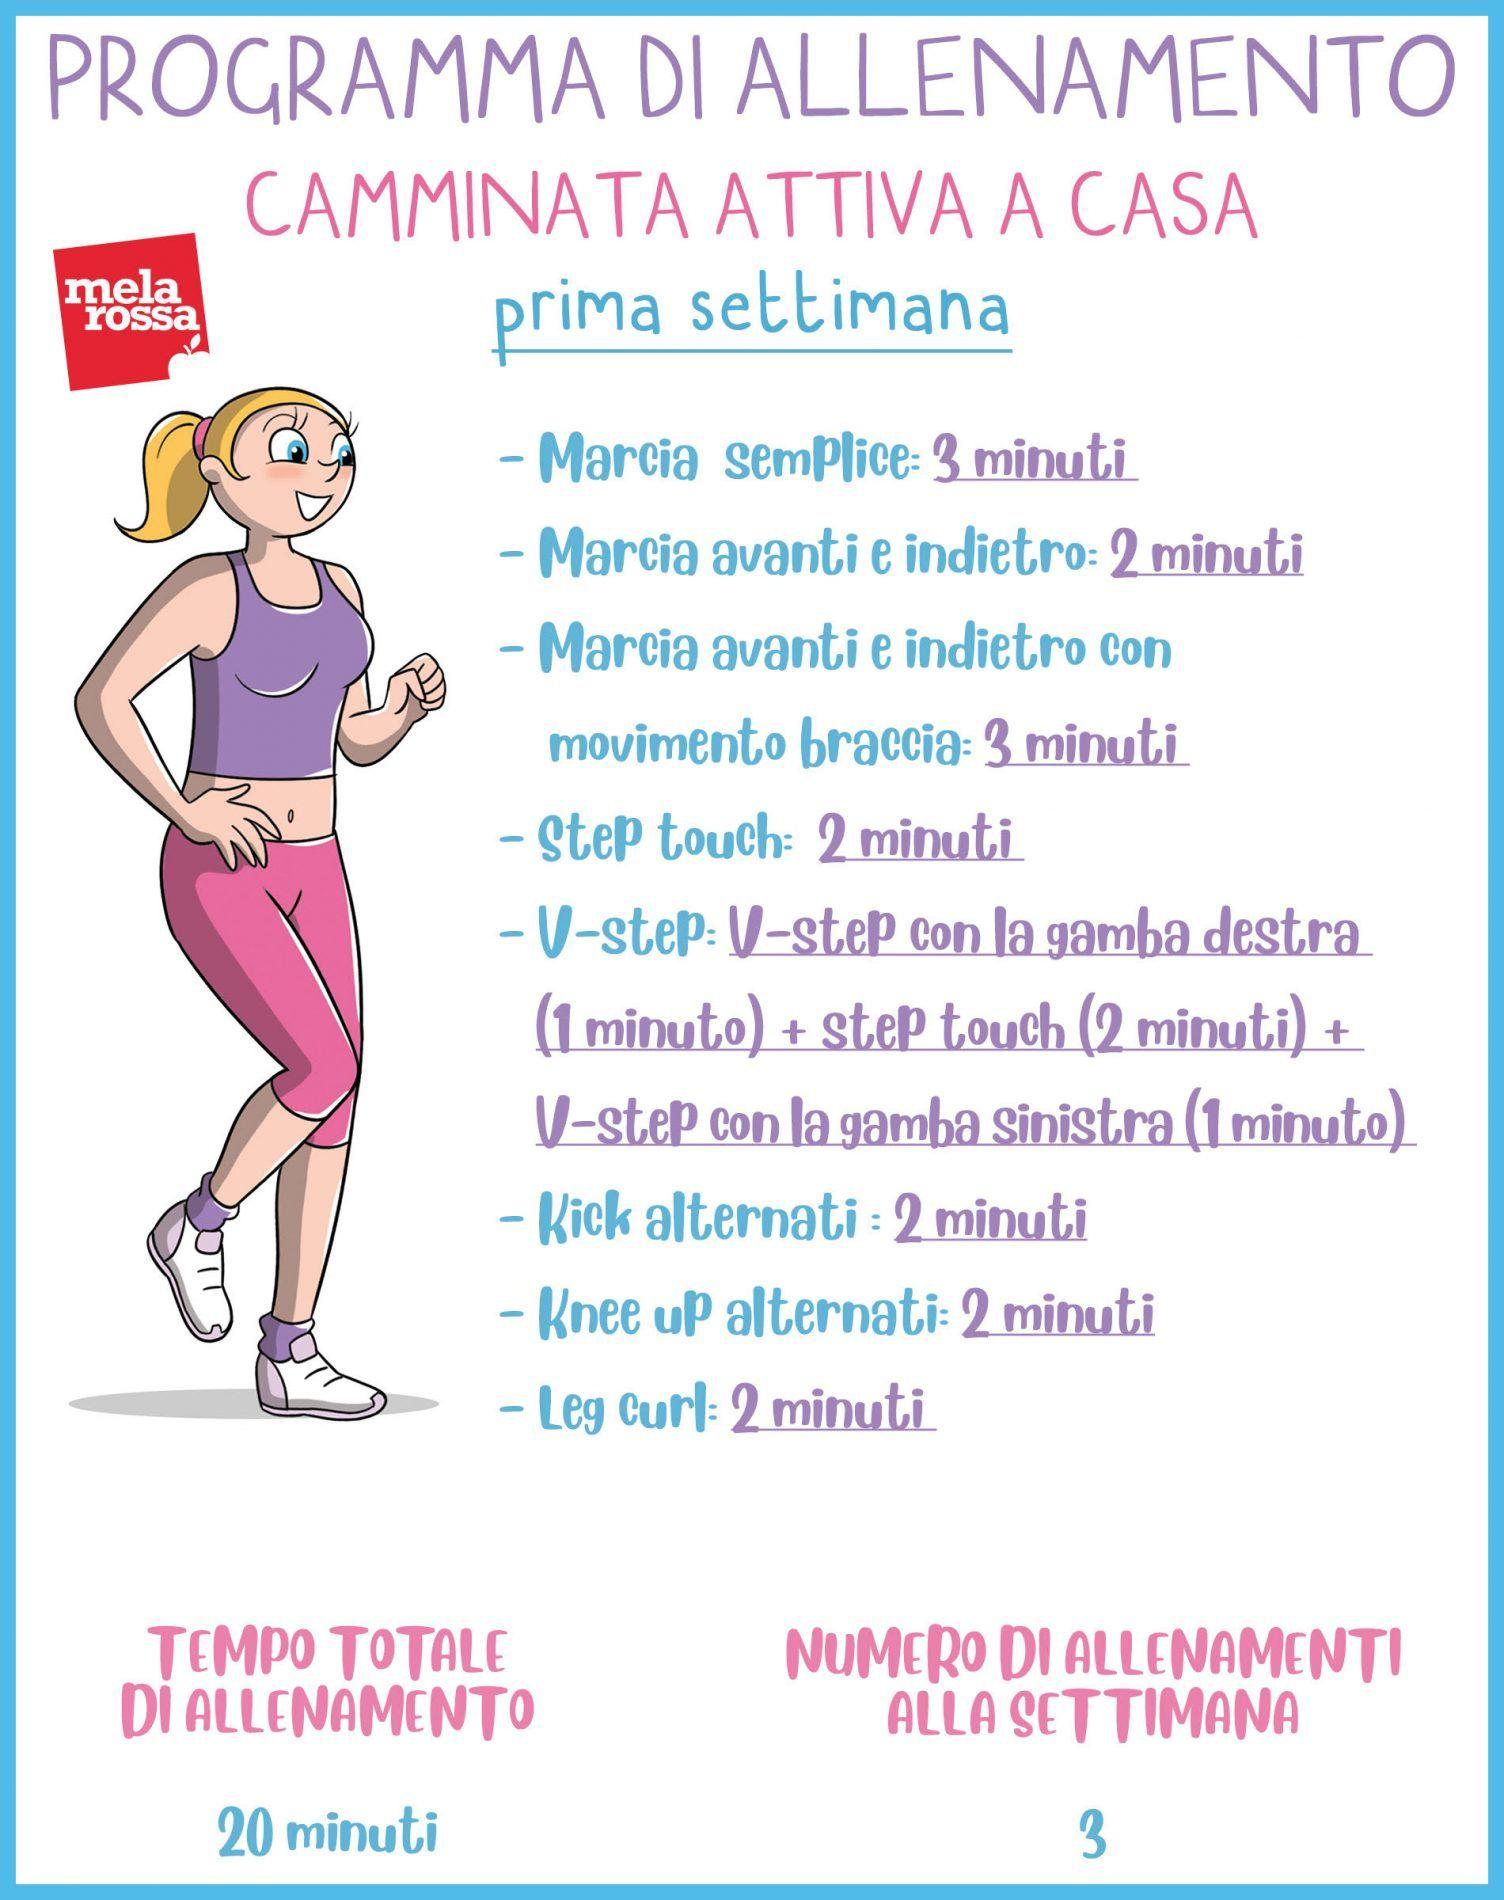 spesso Programma di camminata attiva da fare casa - Melarossa UU01